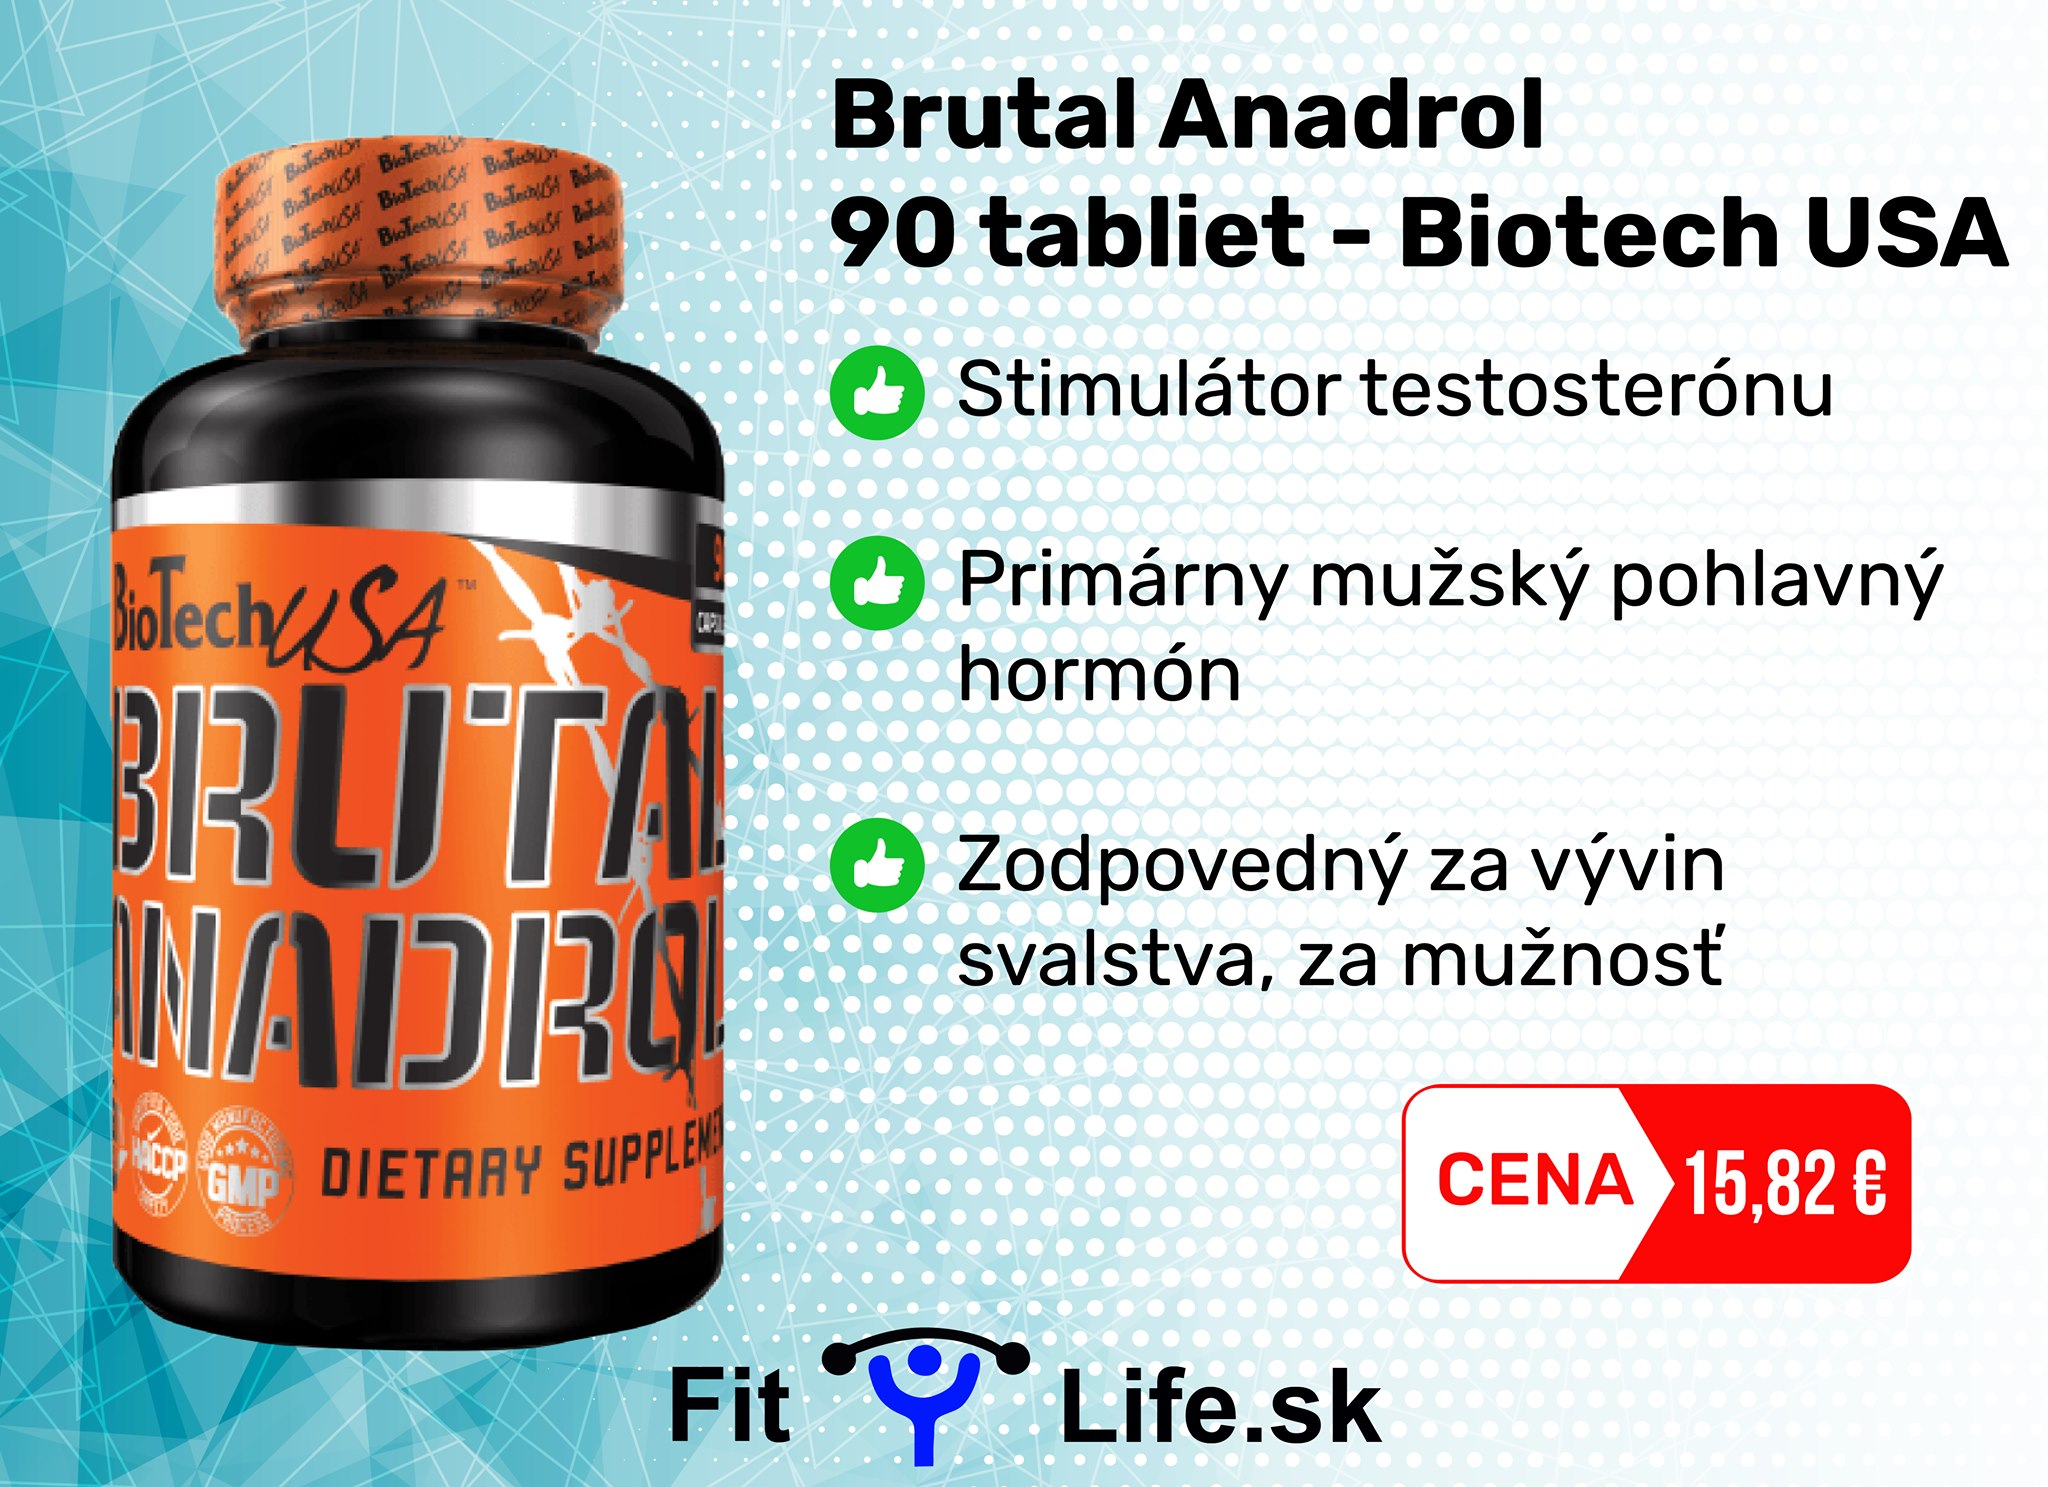 Fit Life - Brutal anadrol BiotechUSA športová výživa